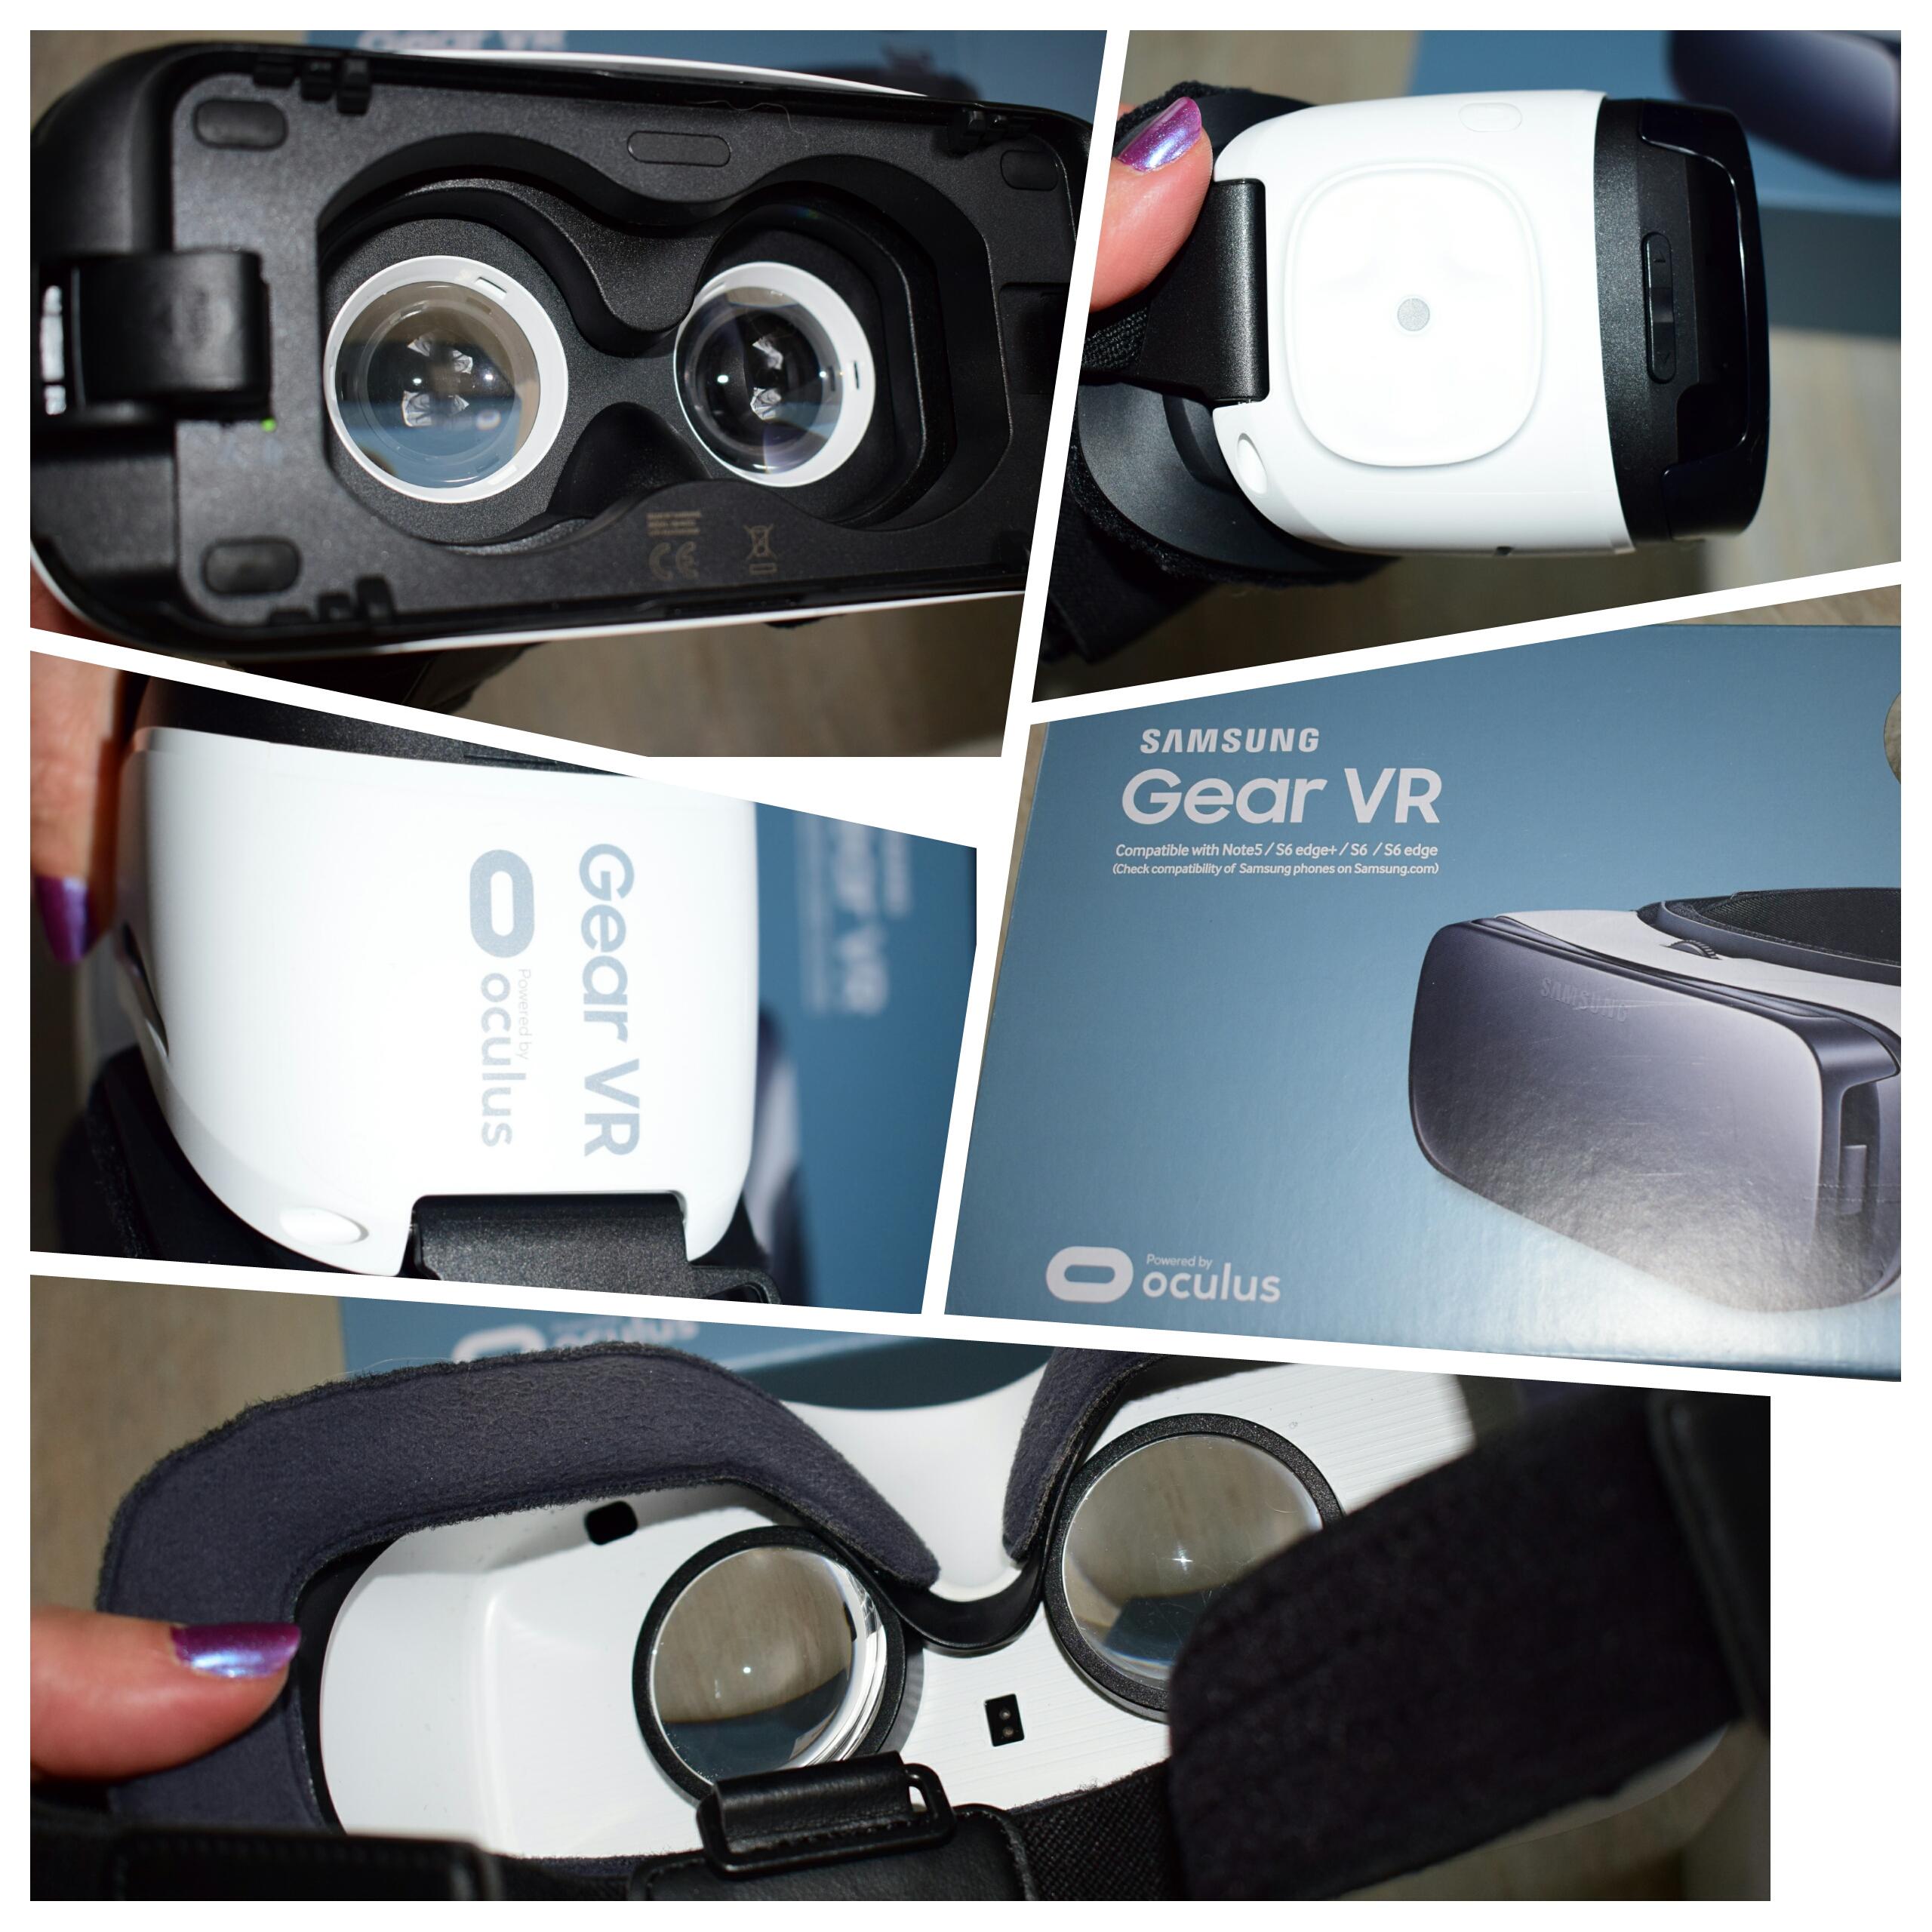 Samsung Gear VR ist eingetroffen